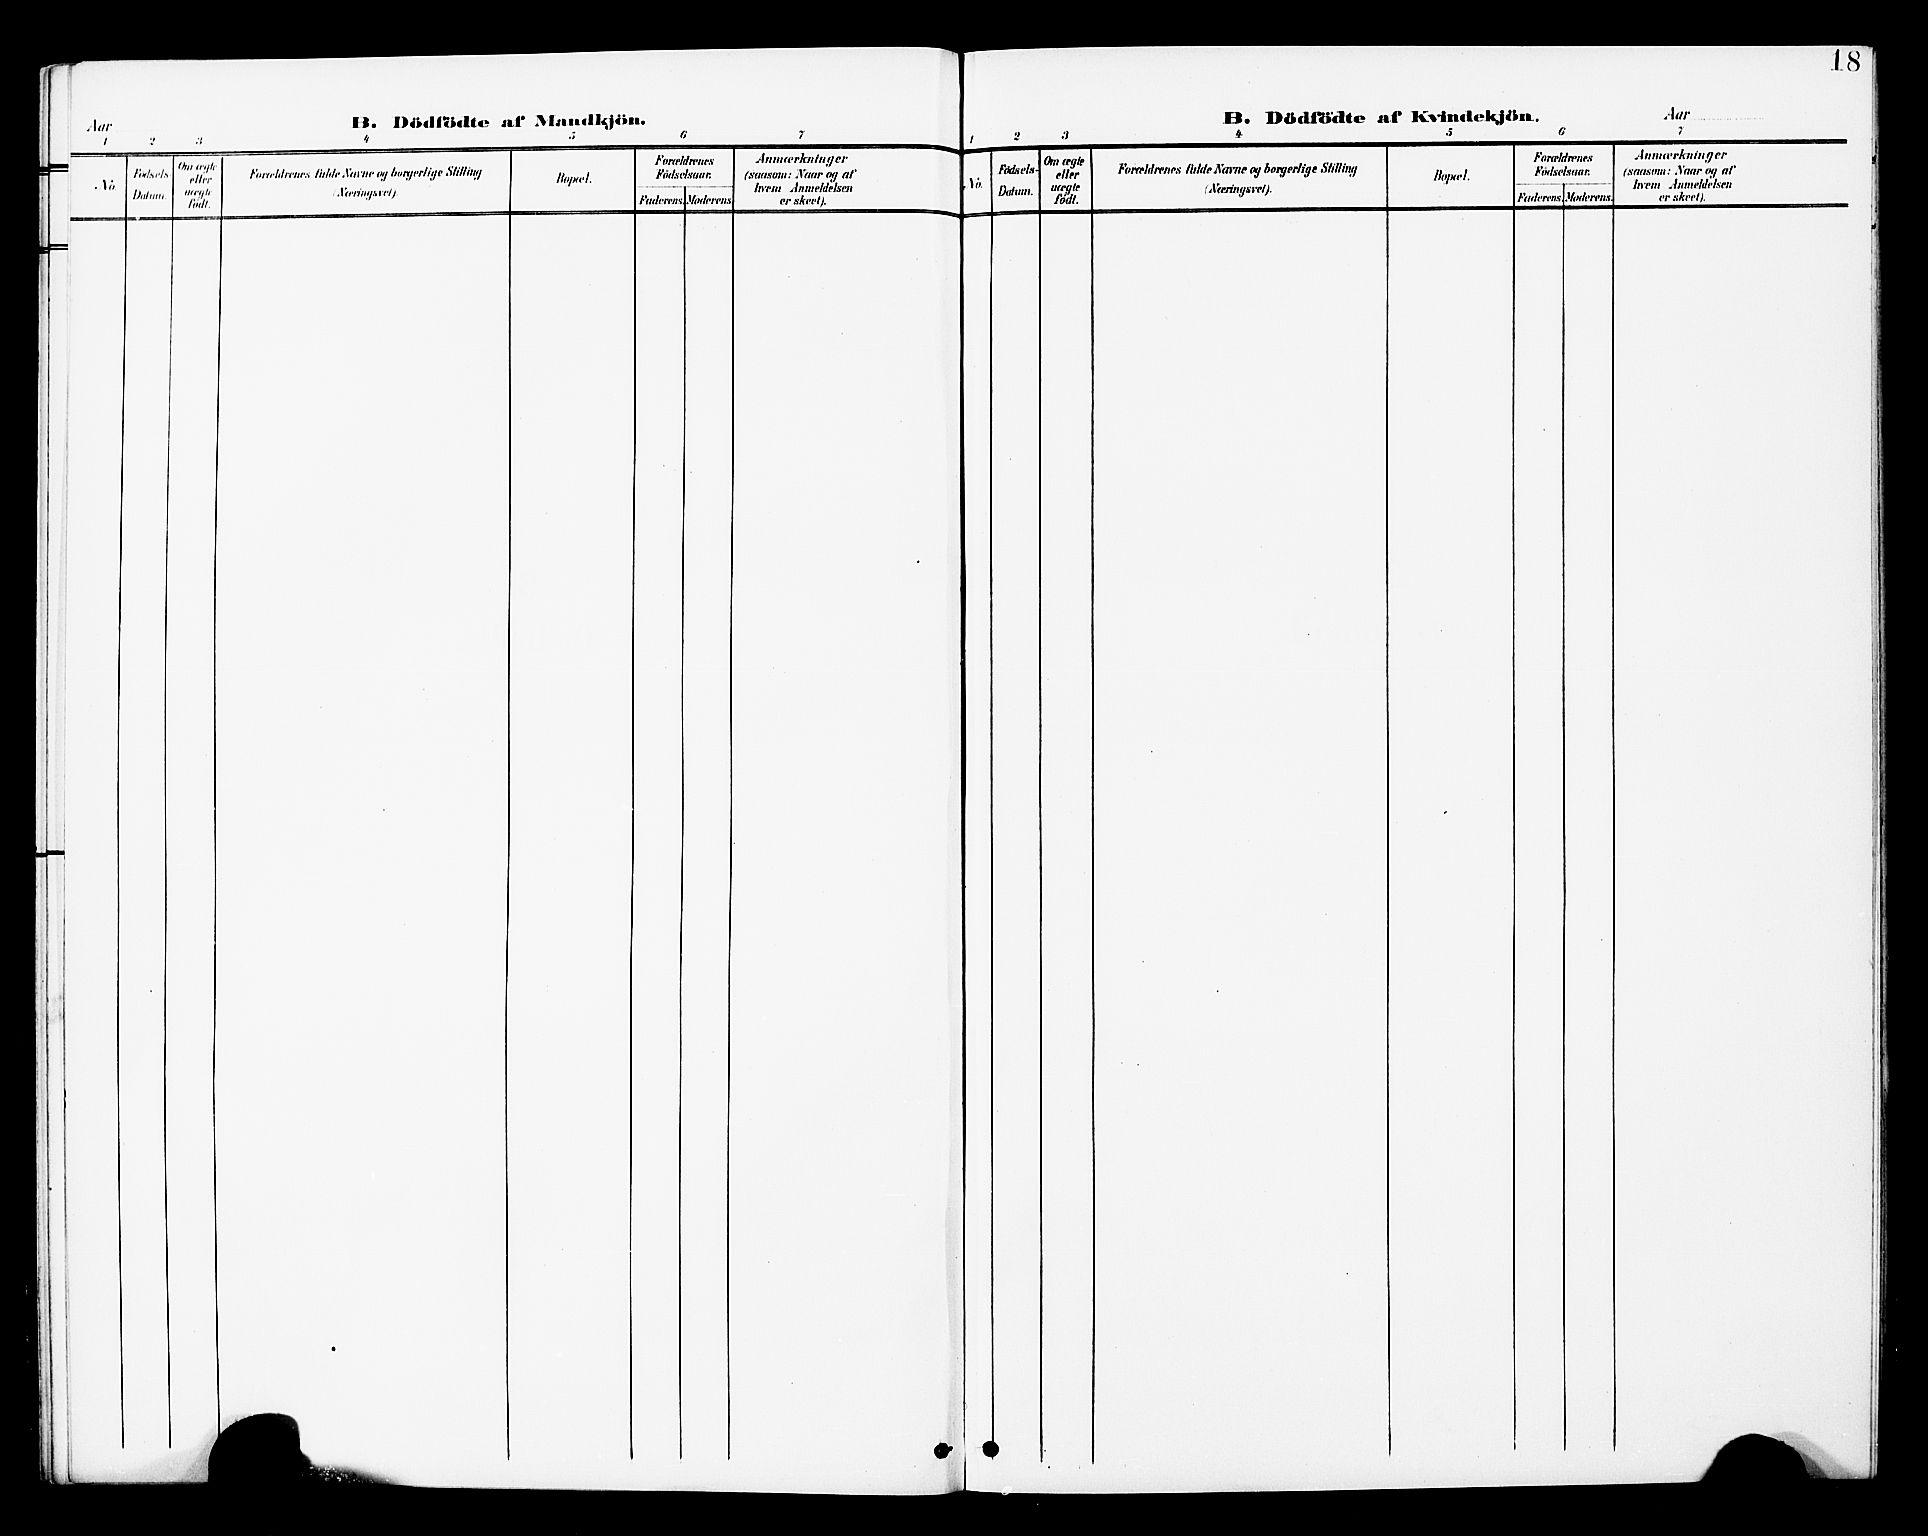 SAT, Ministerialprotokoller, klokkerbøker og fødselsregistre - Nord-Trøndelag, 748/L0464: Ministerialbok nr. 748A01, 1900-1908, s. 18